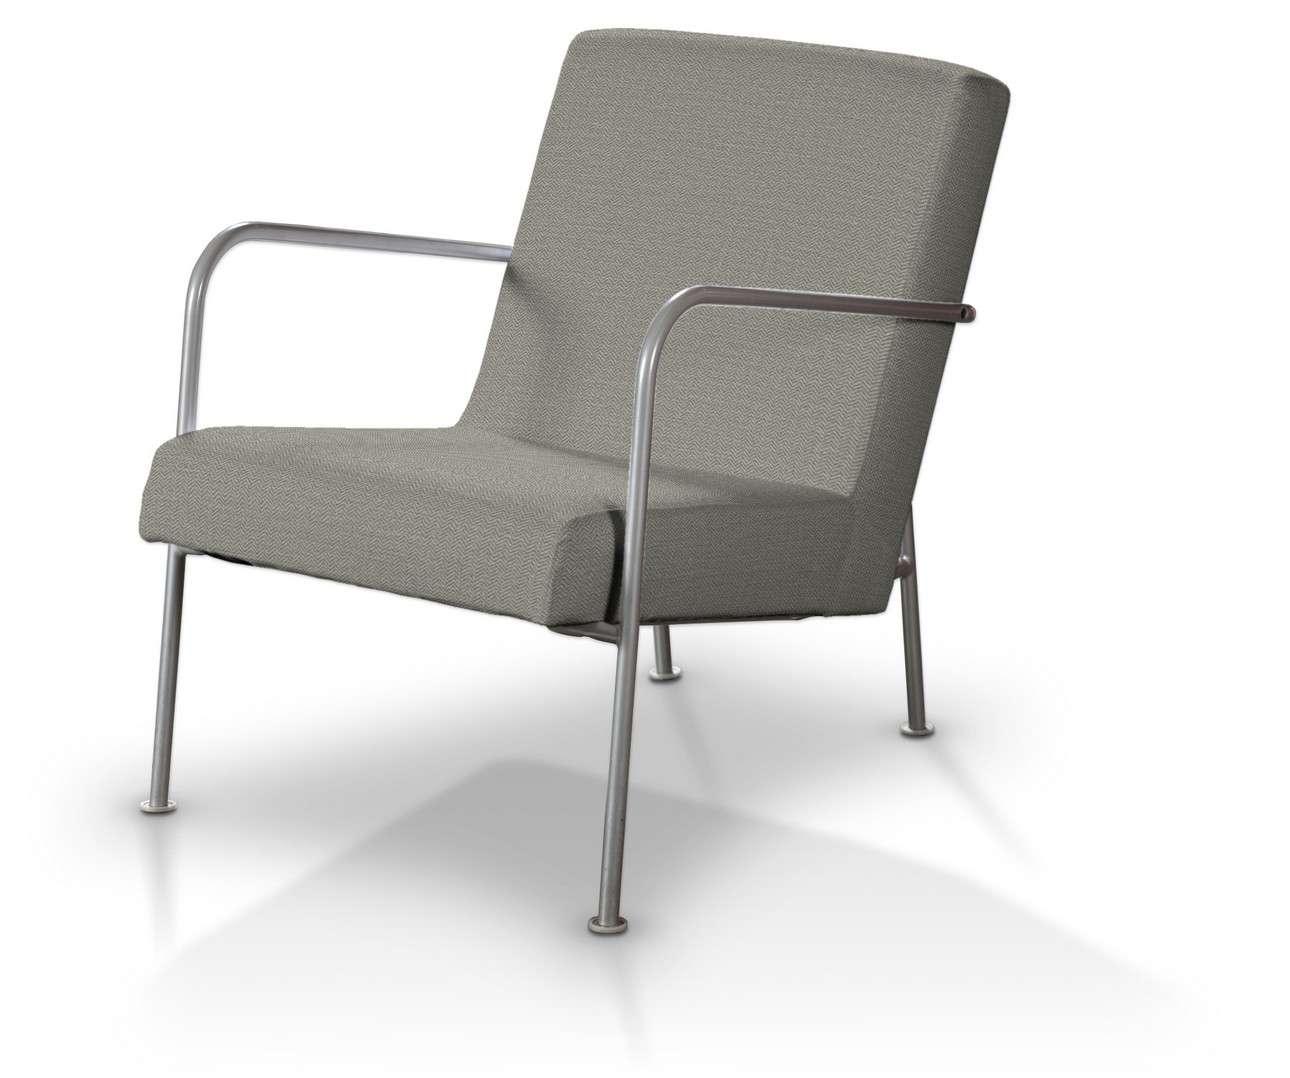 Bezug für Ikea PS Sessel von der Kollektion Bergen, Stoff: 161-83